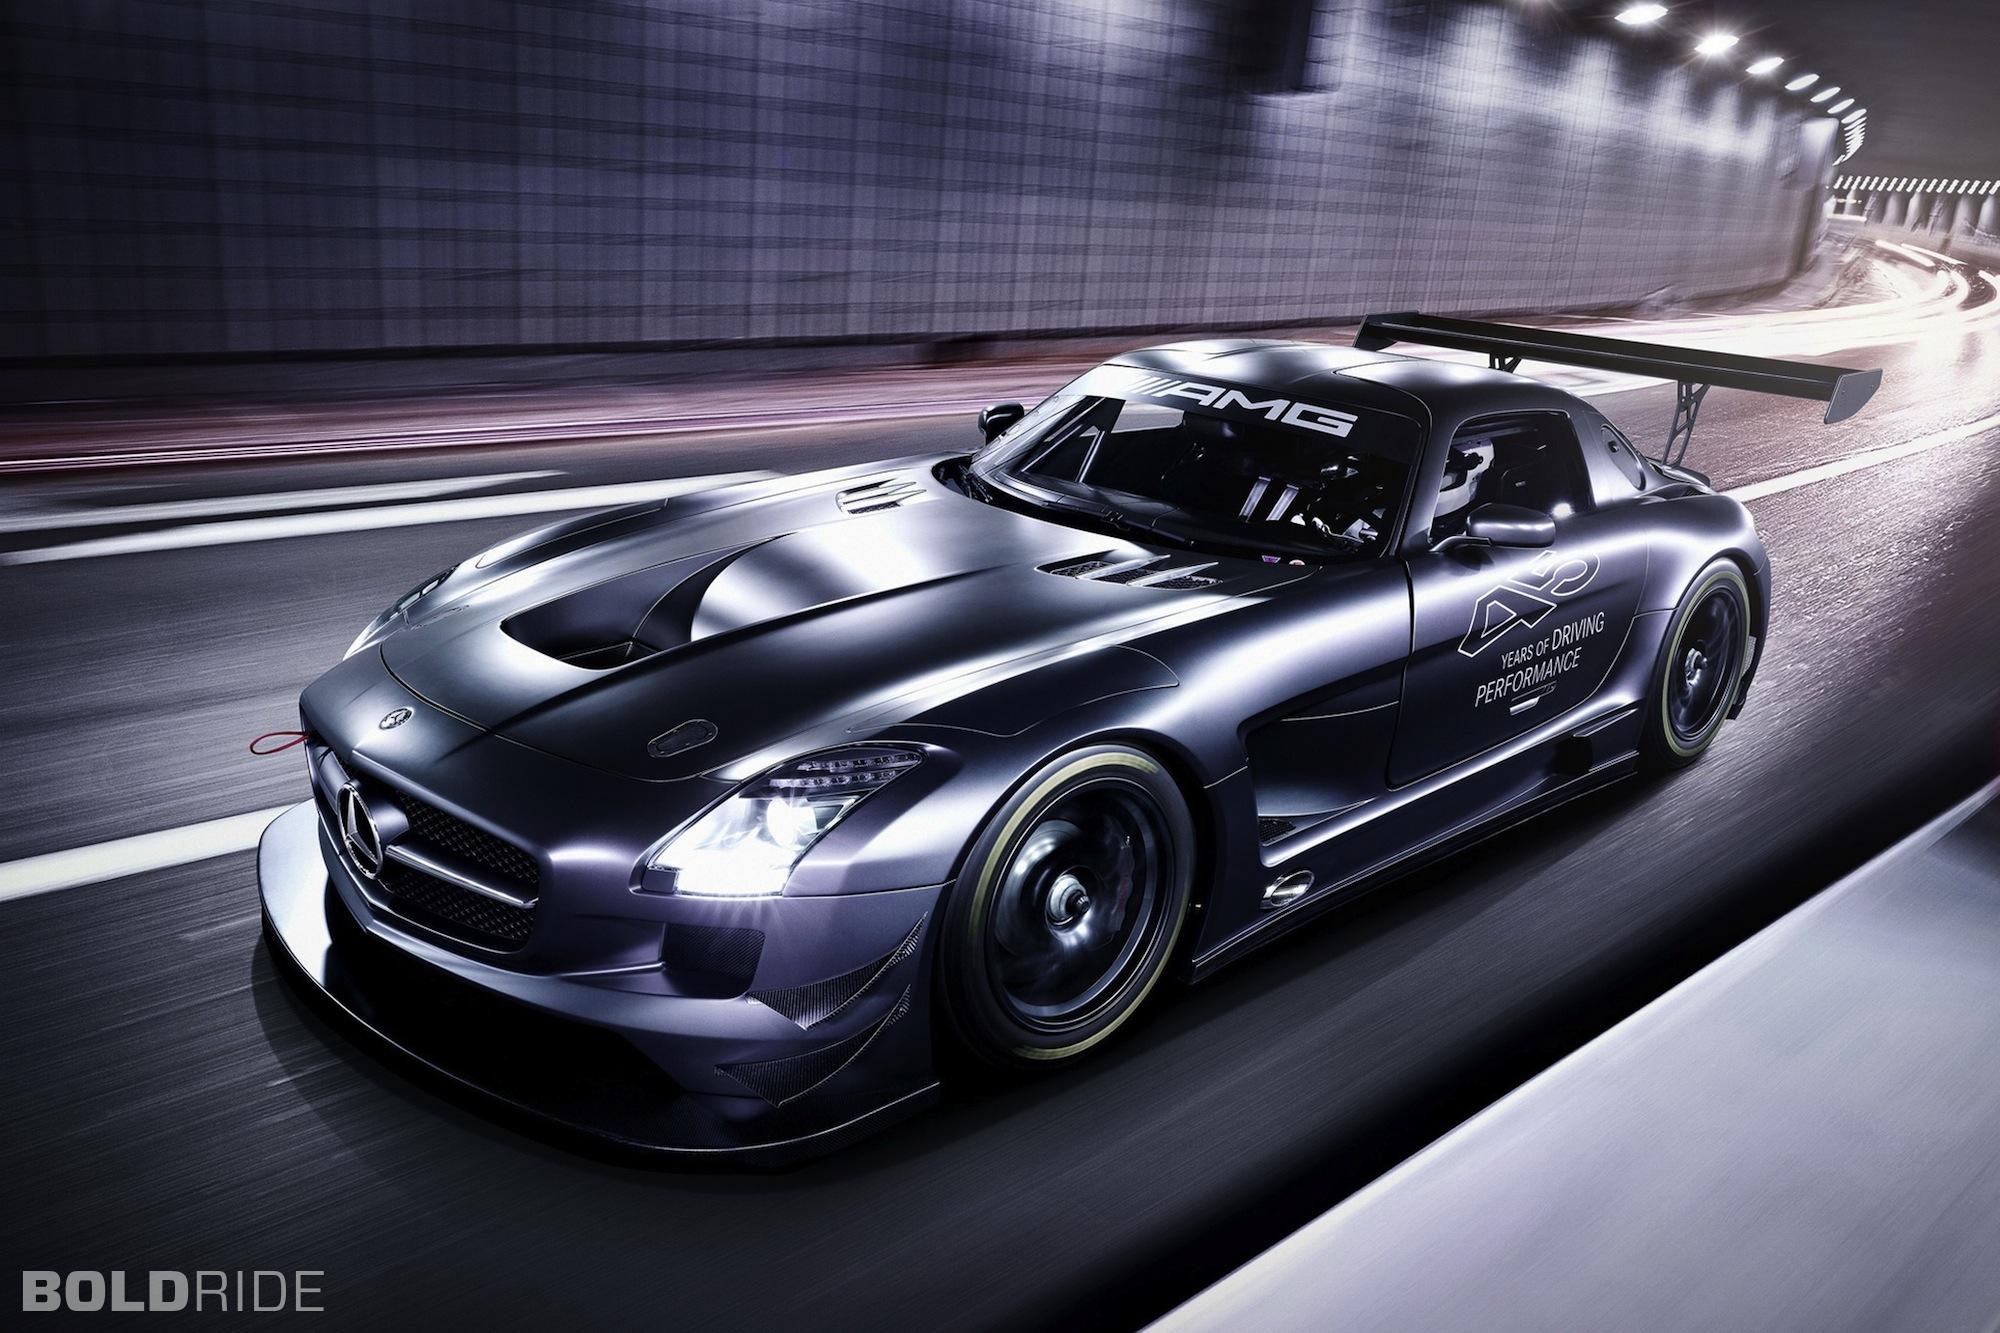 Mercedes Benz Sls Amg Race Racing Supercar Ry Wallpaper